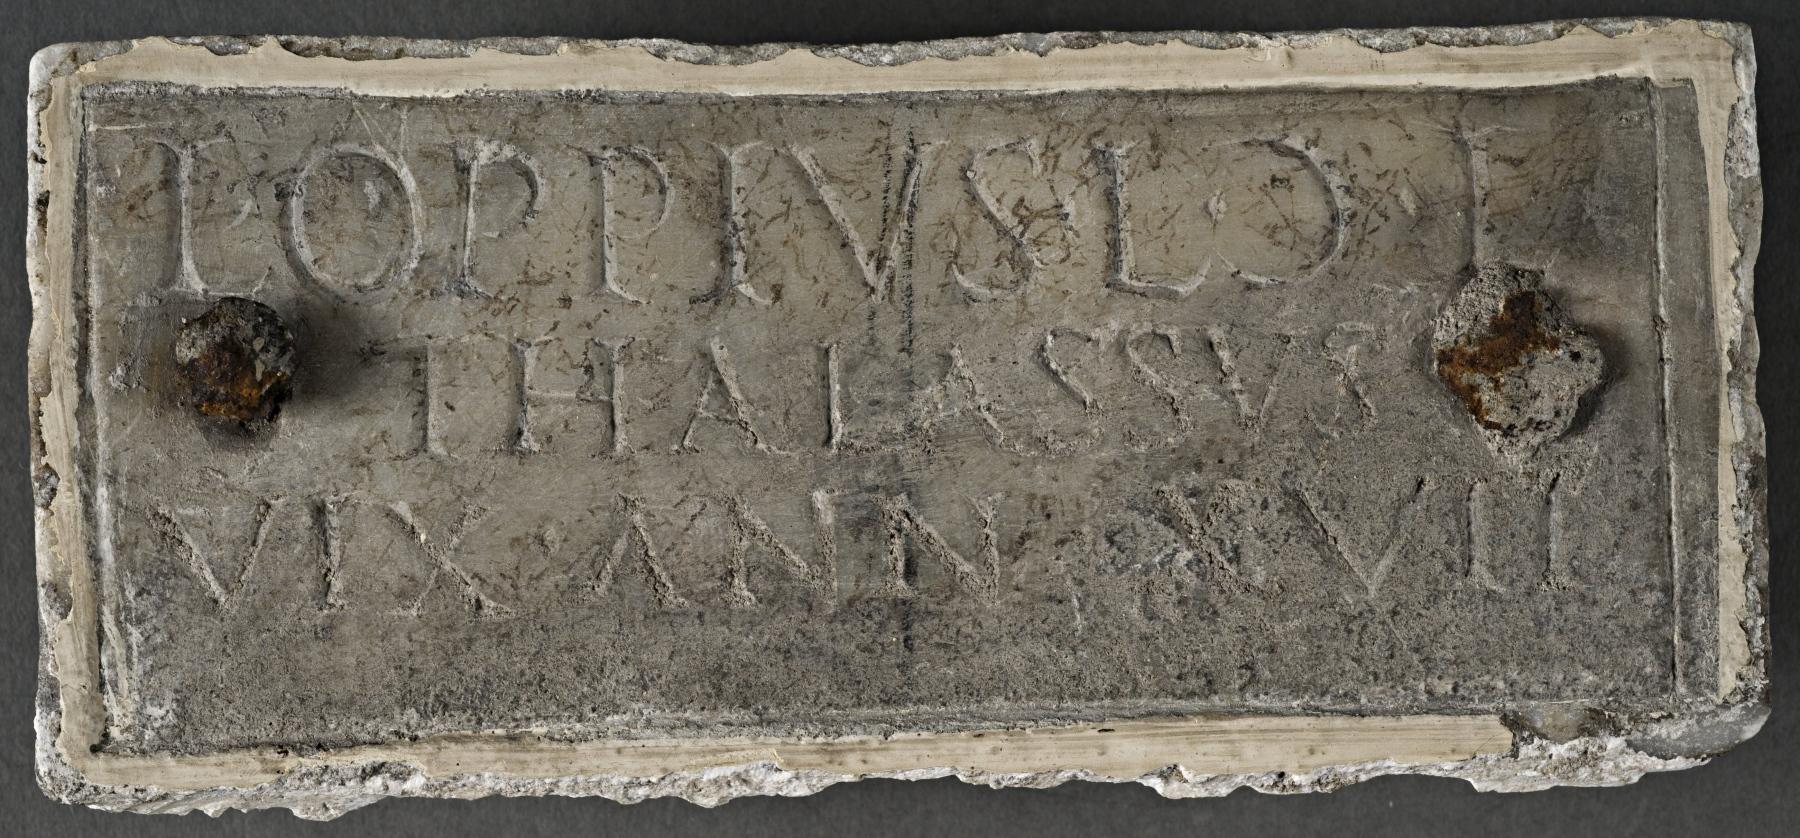 Columbarium plaque for Lucius Oppius Thallasus